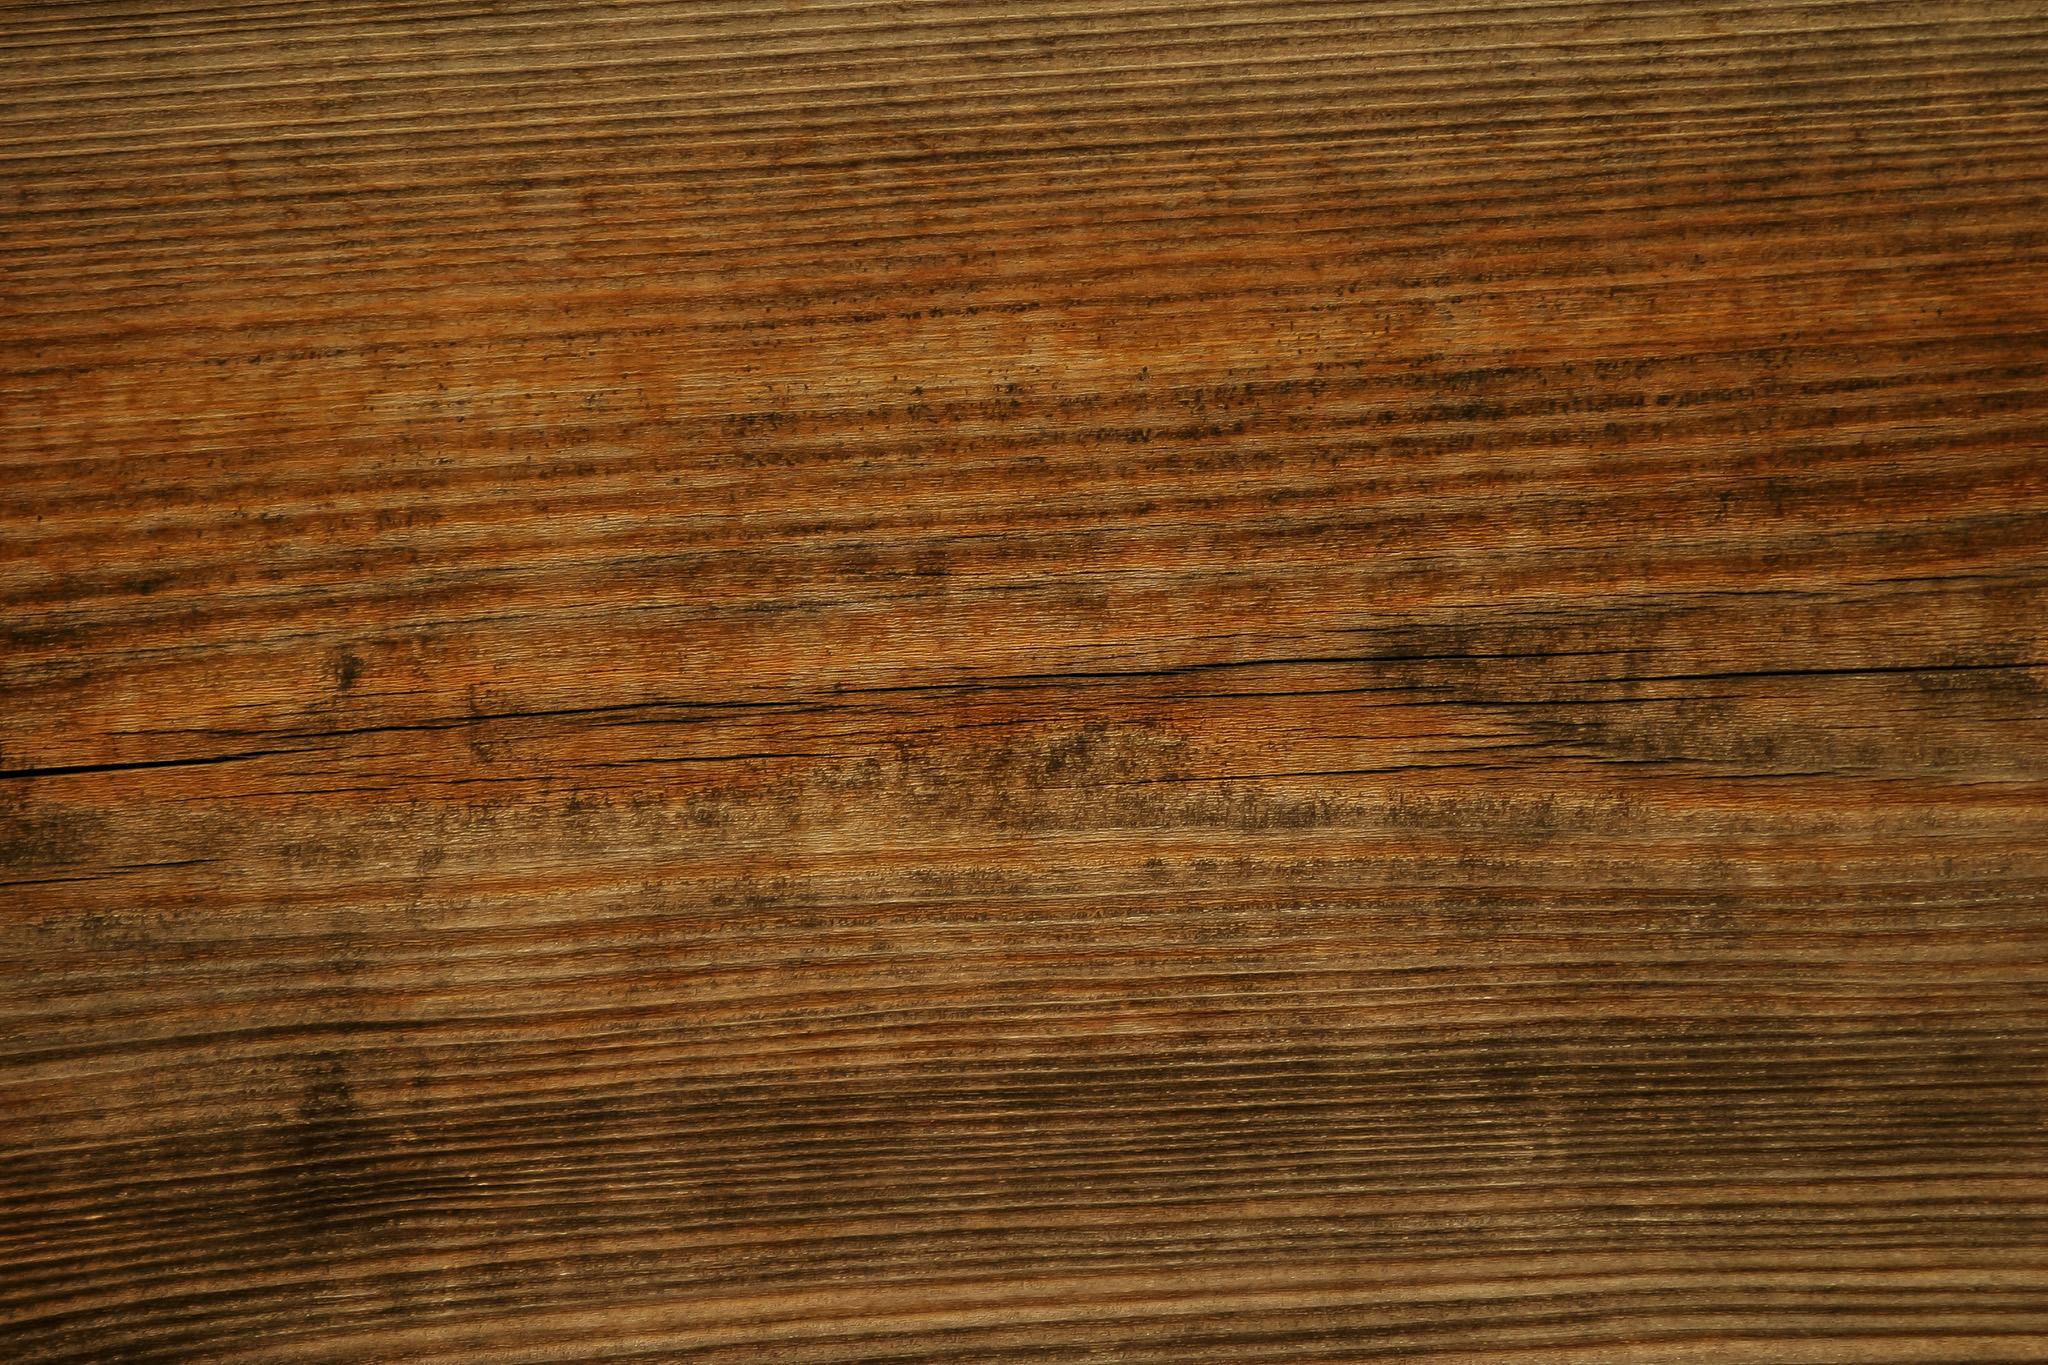 「掠れた木のマテリアル」の素材を無料ダウンロード